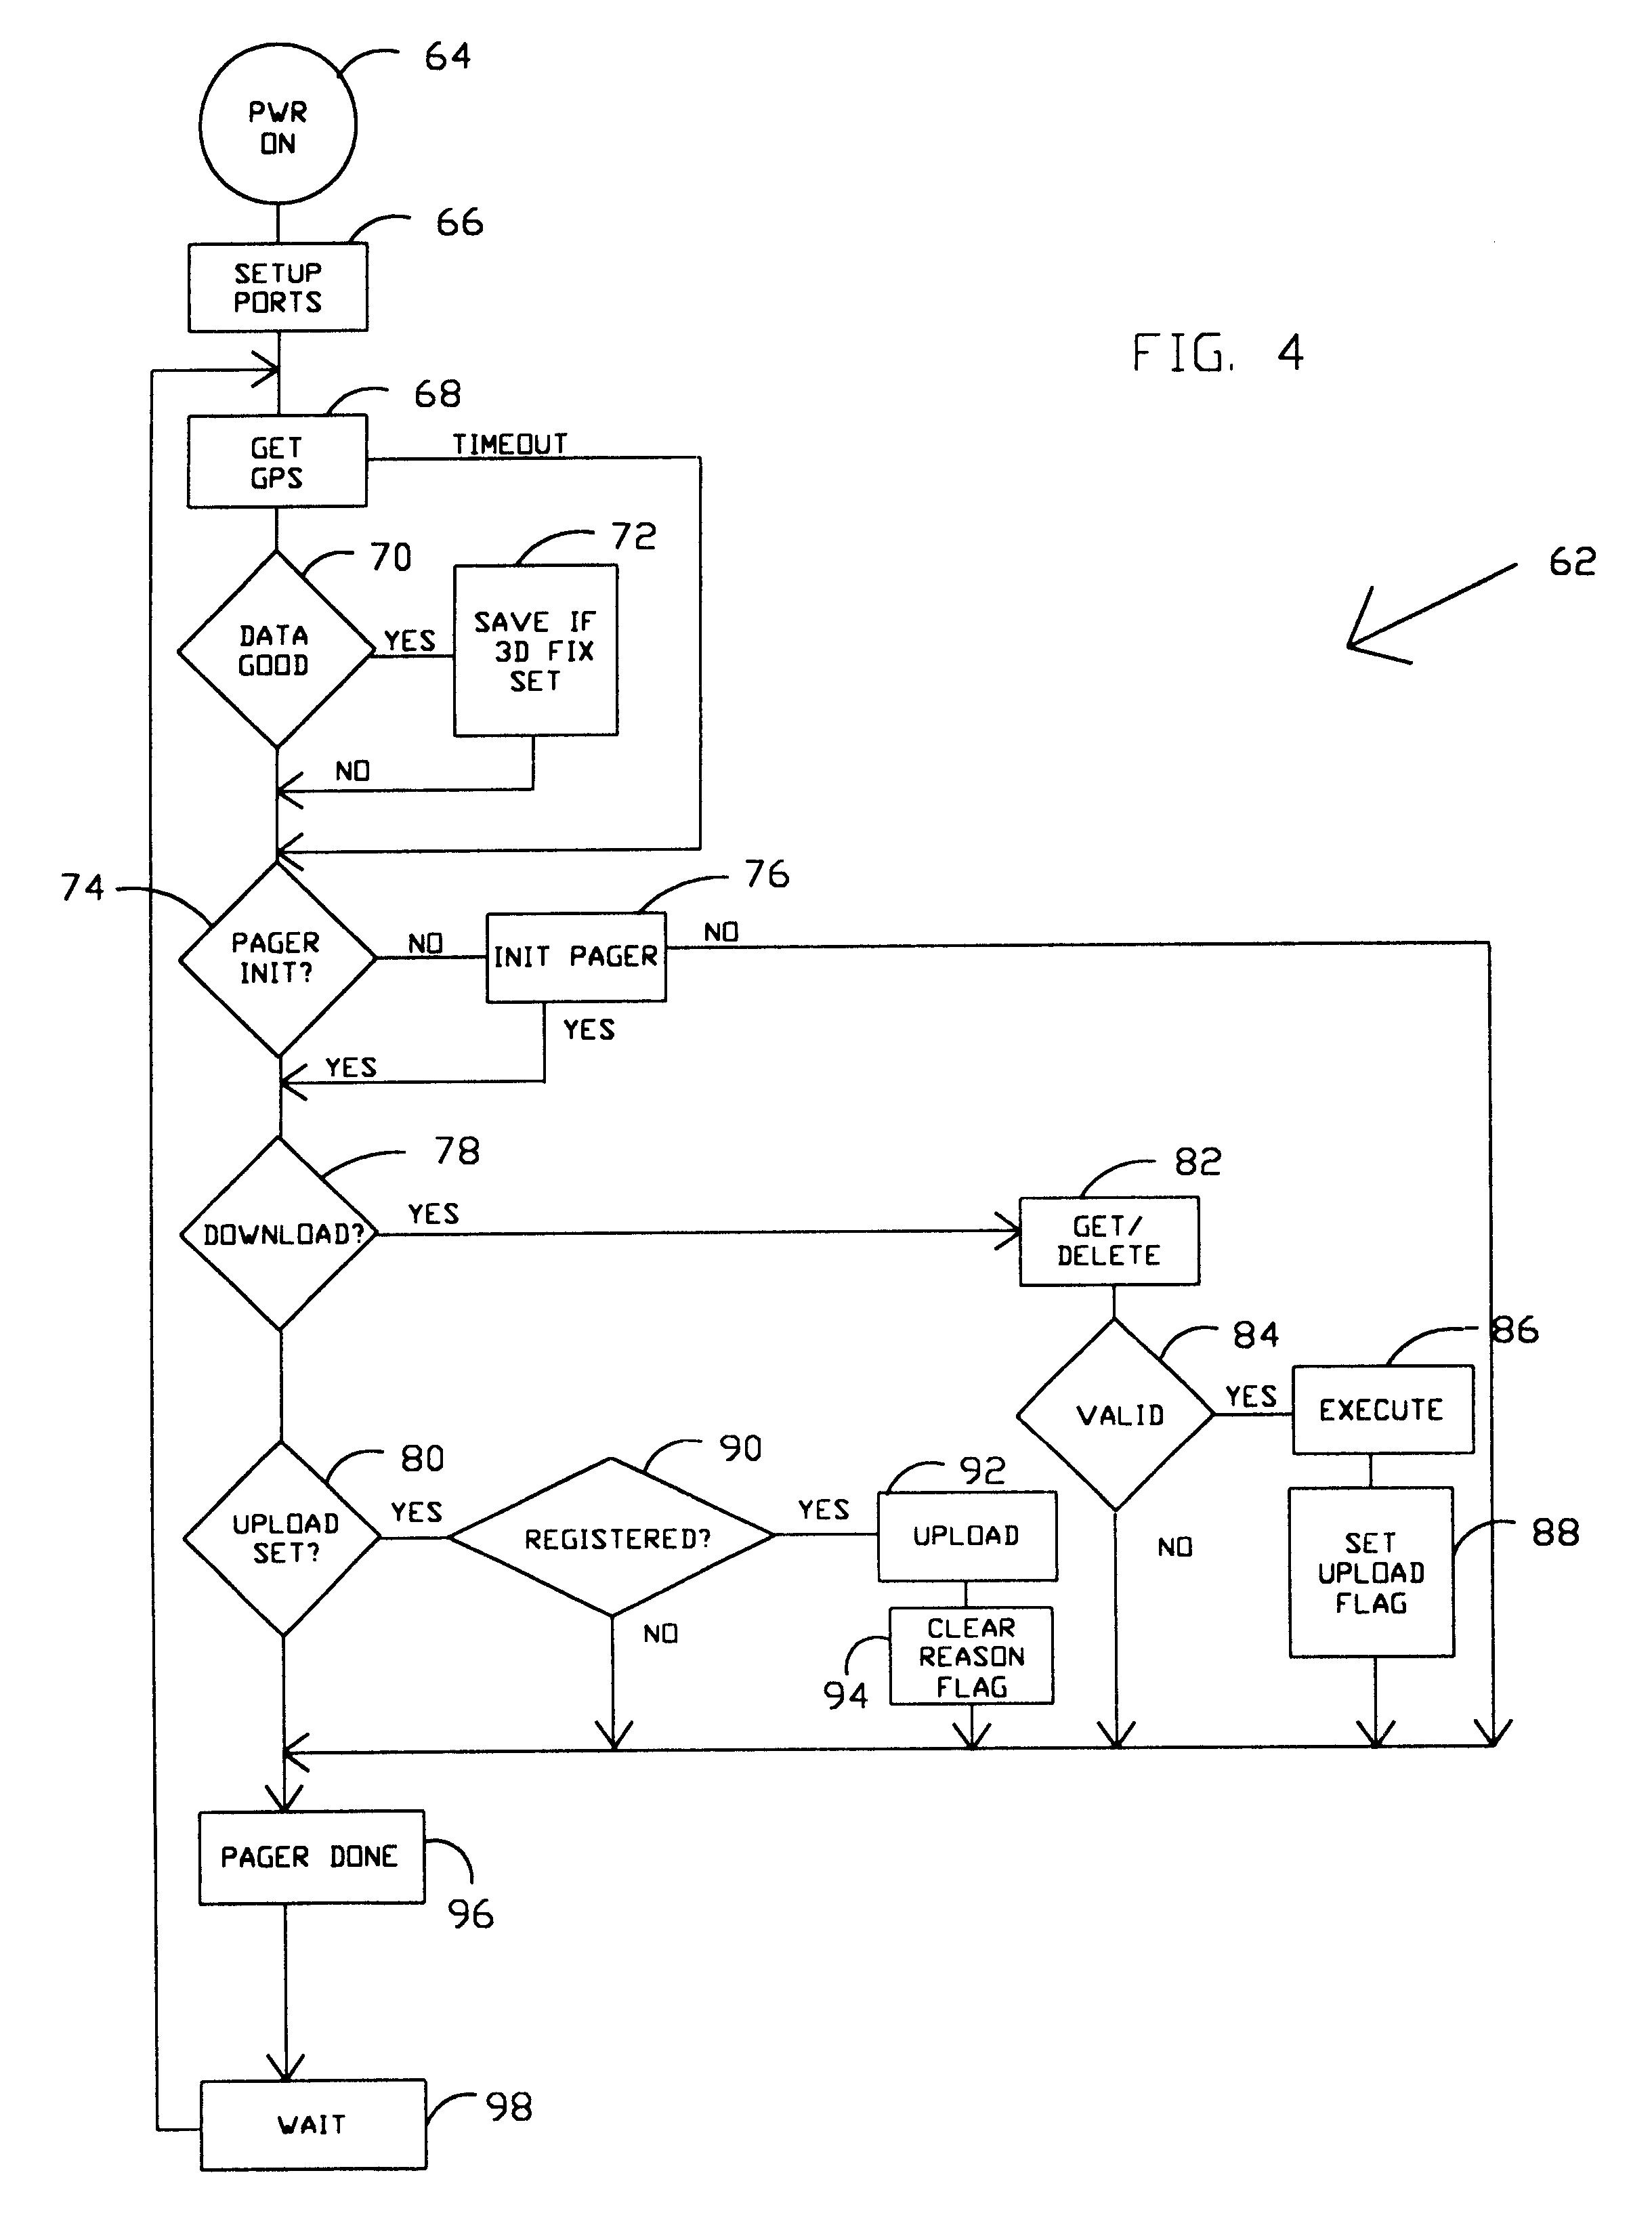 horton ambulance wiring diagram wiring diagram for professional • horton ambulance wiring diagrams 32 wiring diagram ambulance disconnect switch wiring diagram 1993 horton ambulance wiring diagrams